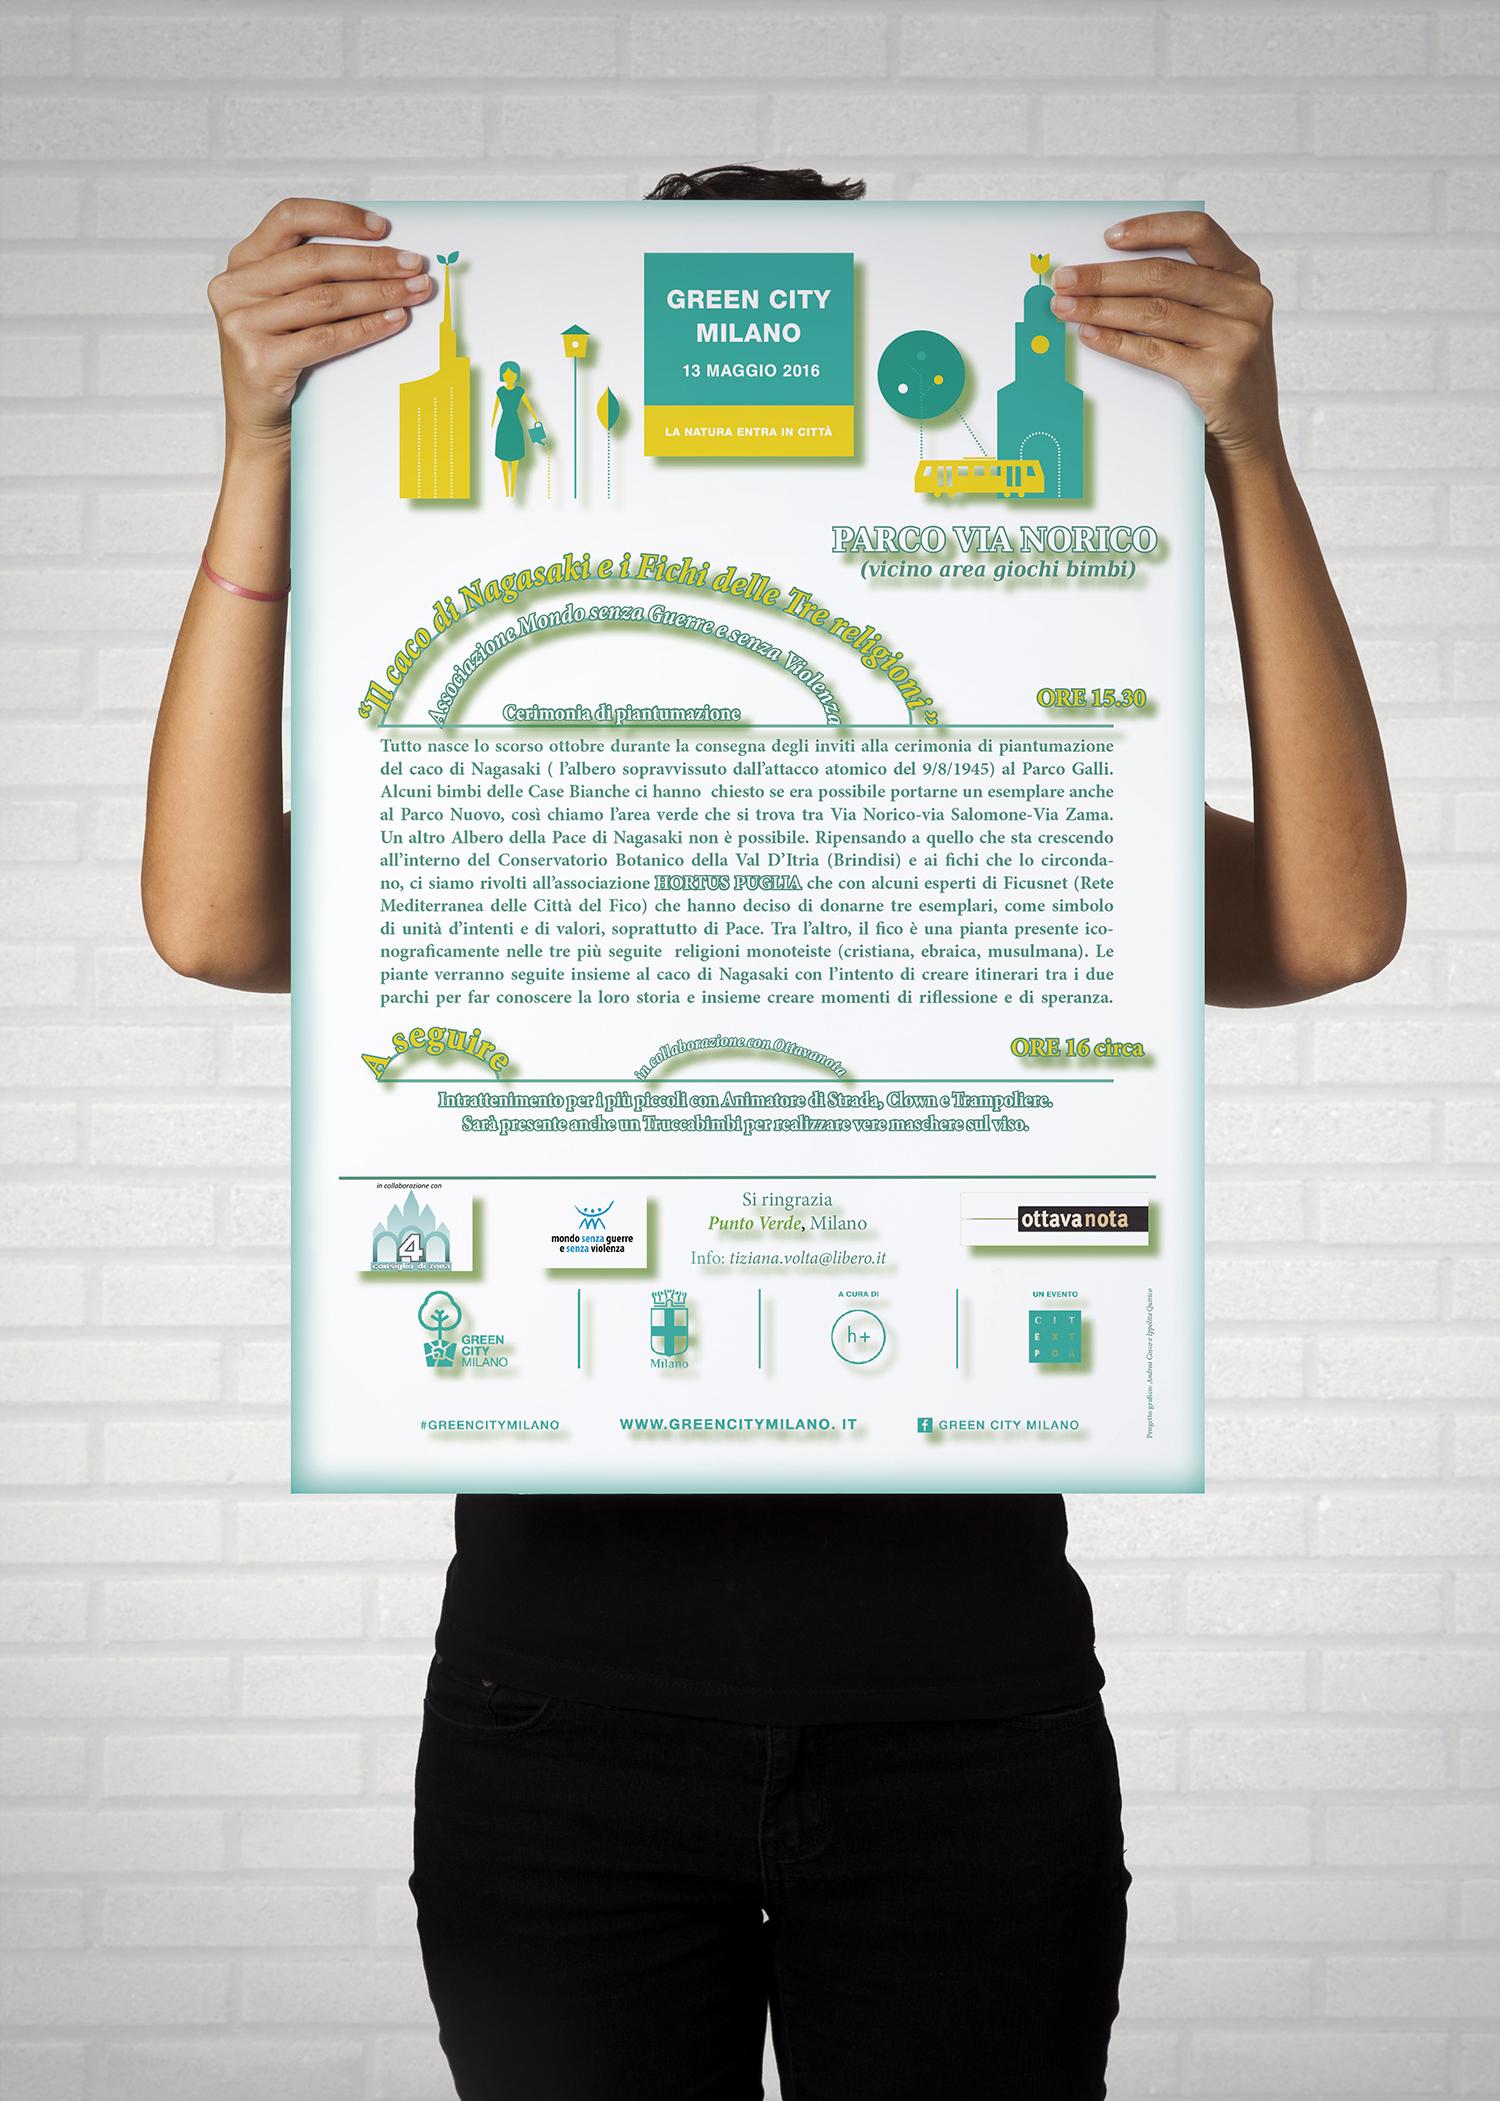 Locandina per evento GreenCity Milano